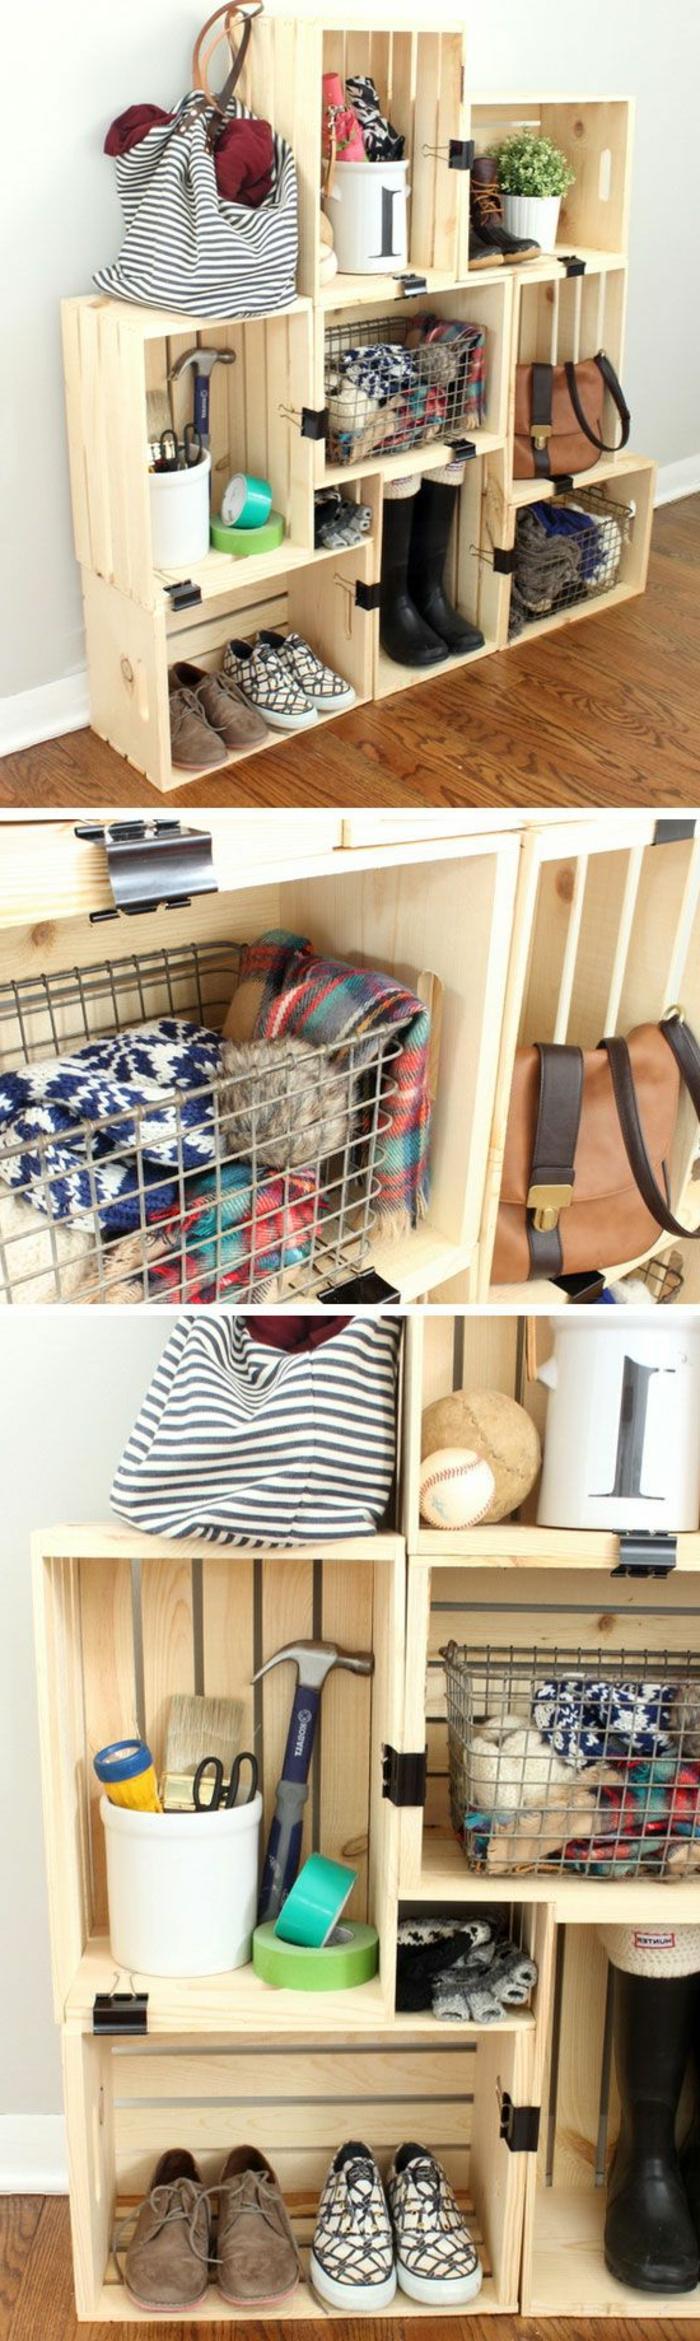 cagette bois, etagere à plusieurs compartiments our ranger des chaussures vêtements, sacs à main, affaires personnelles, objets de bricolage